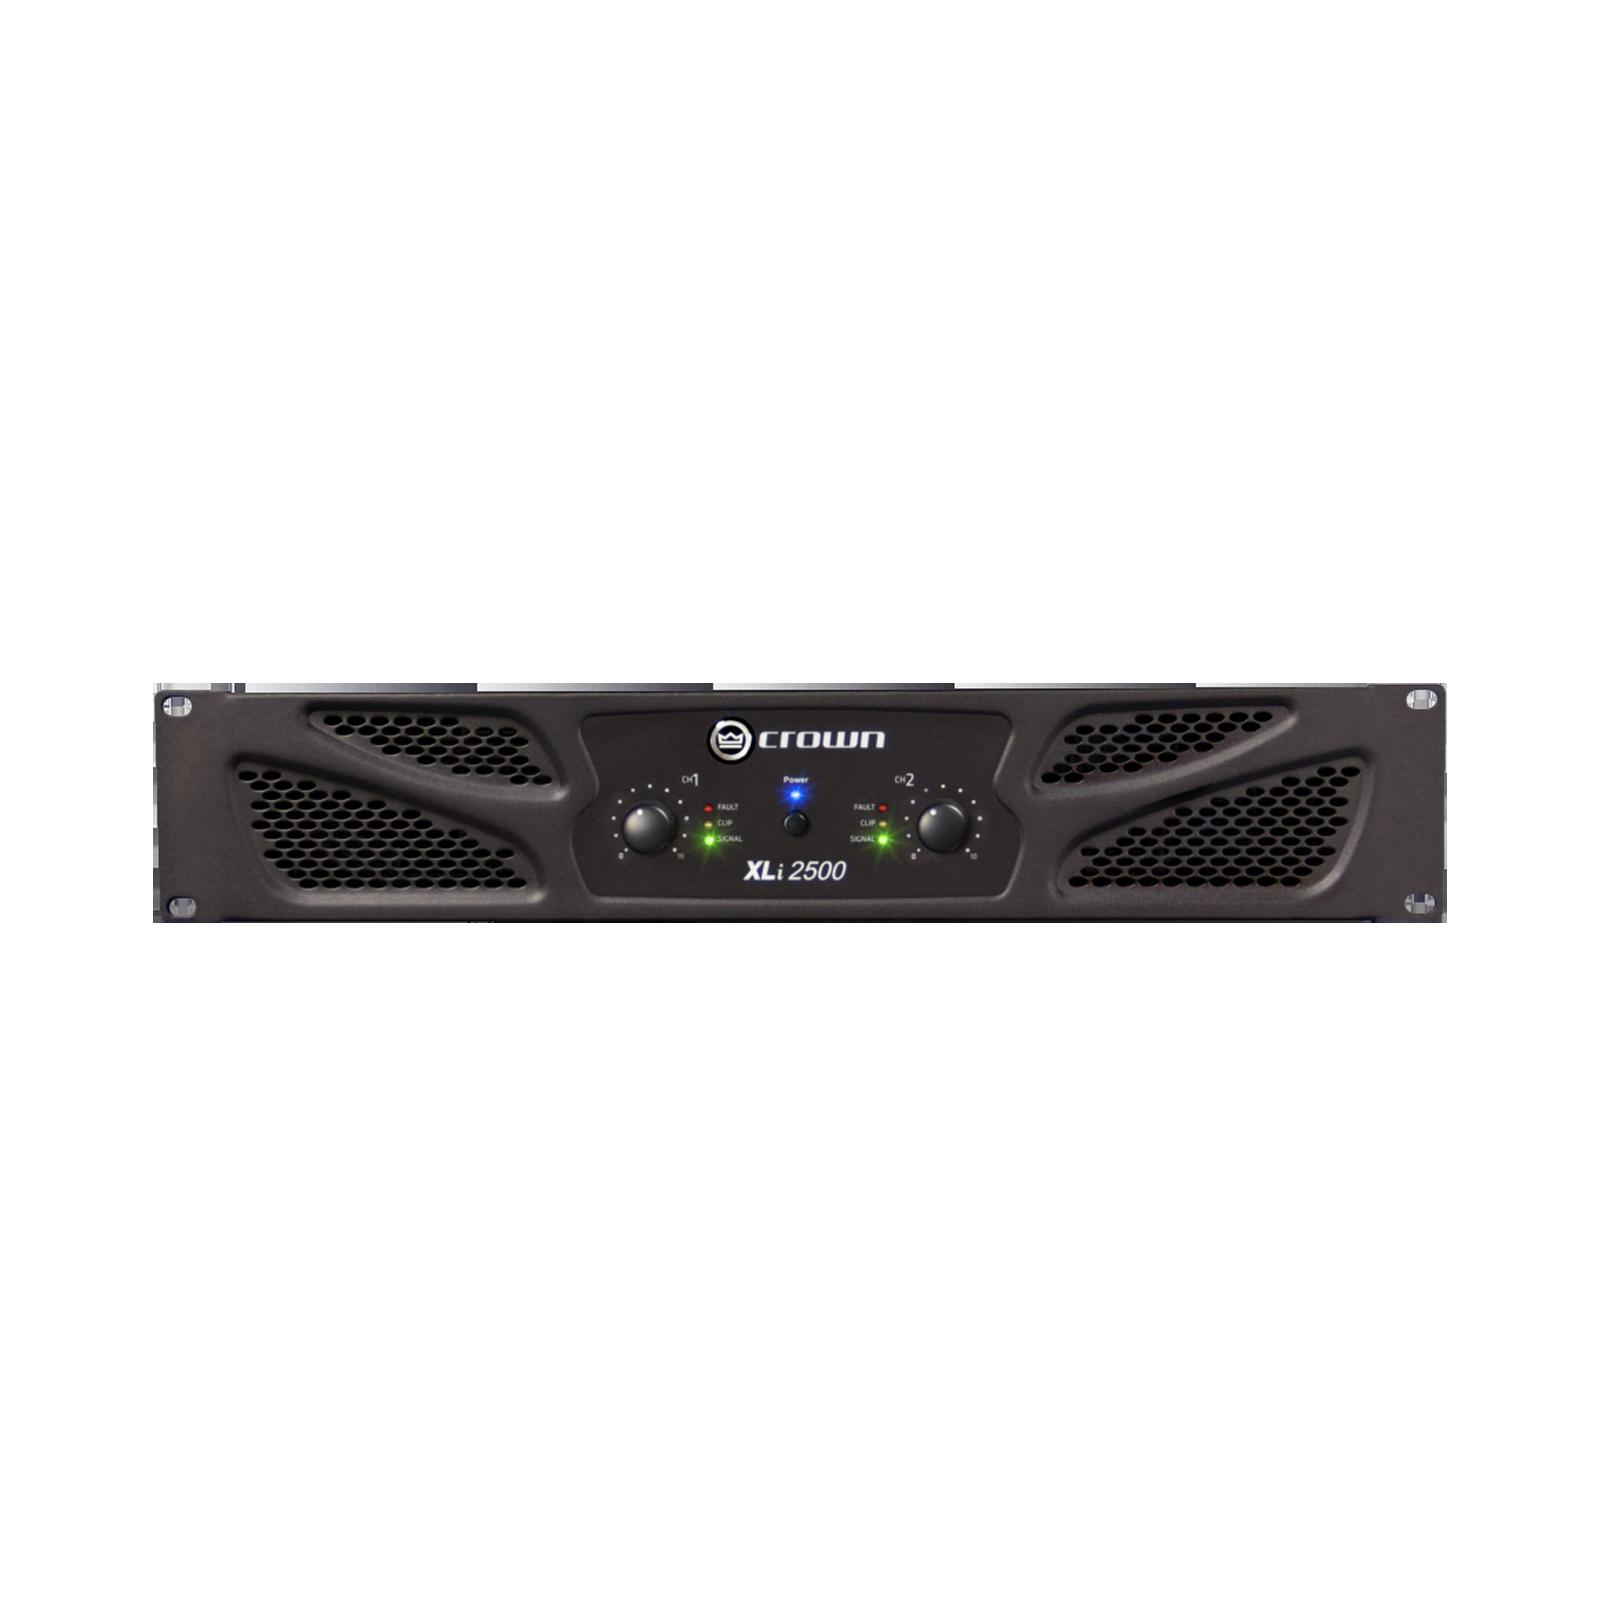 XLi 2500 - Grey - Two-channel, 750W @ 4Ω power amplifier - Hero